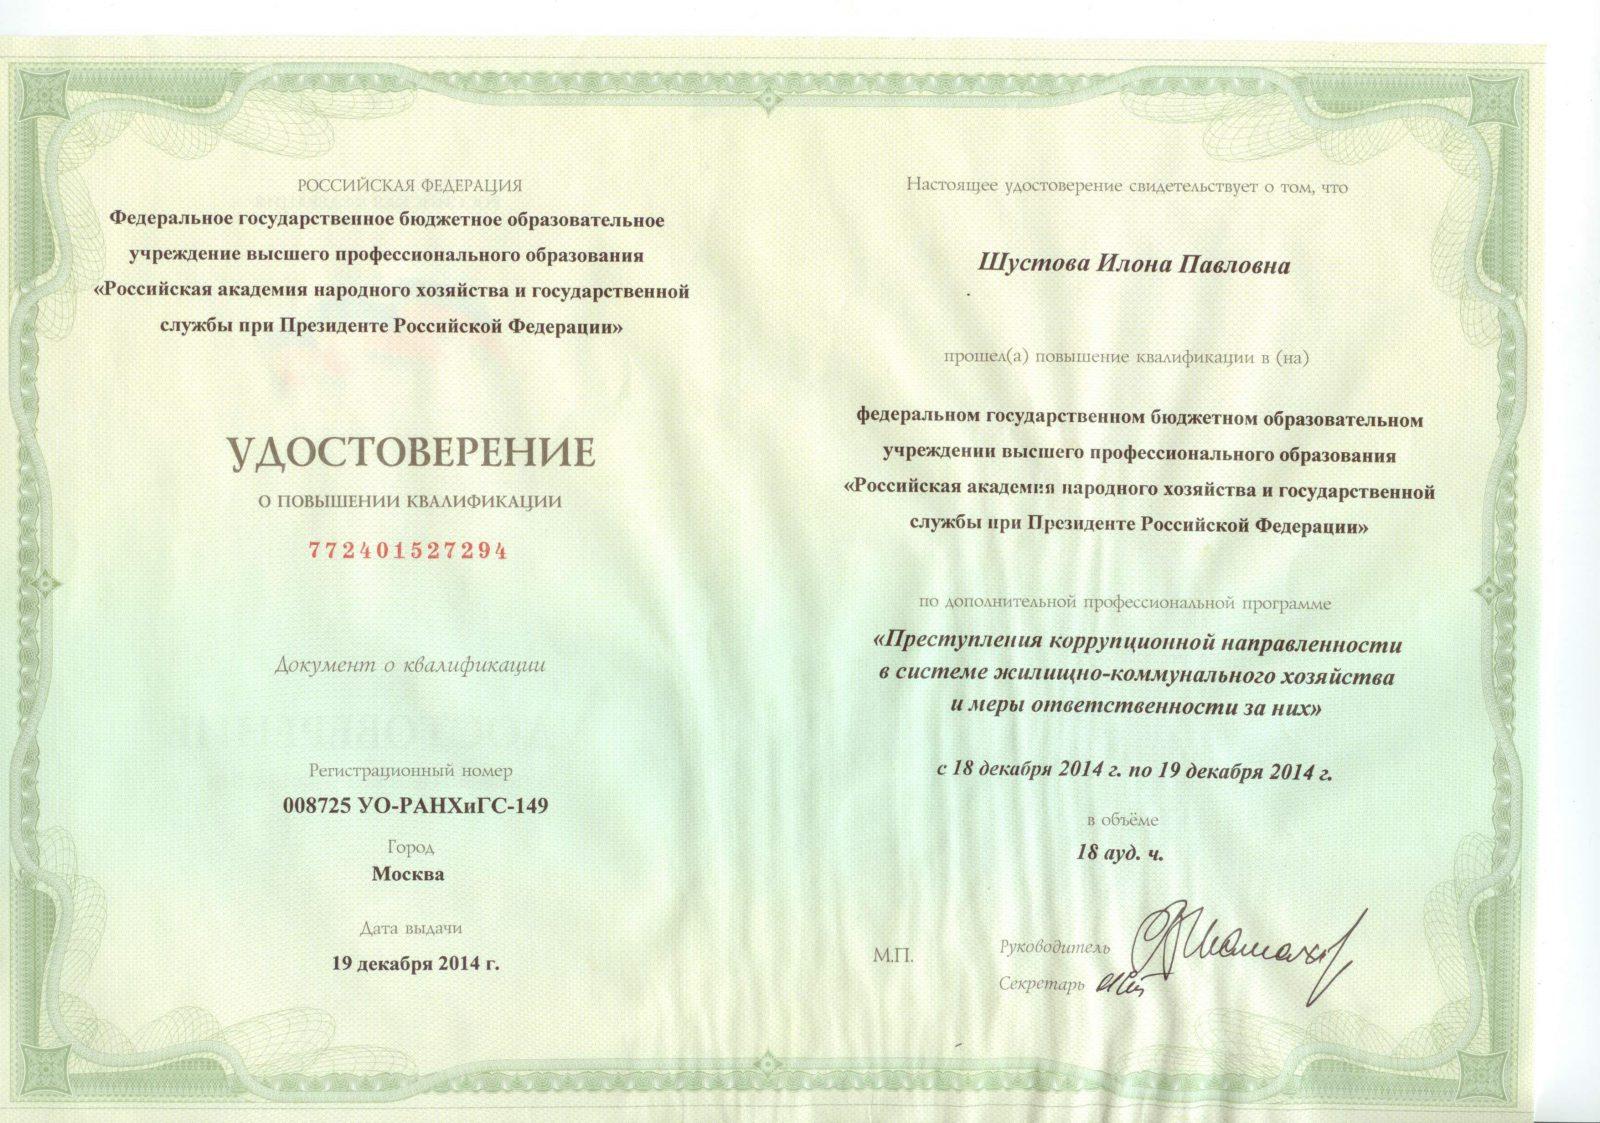 Заполнение декларации 3 ндфл приморский район номер свидетельства о регистрации ип это огрн